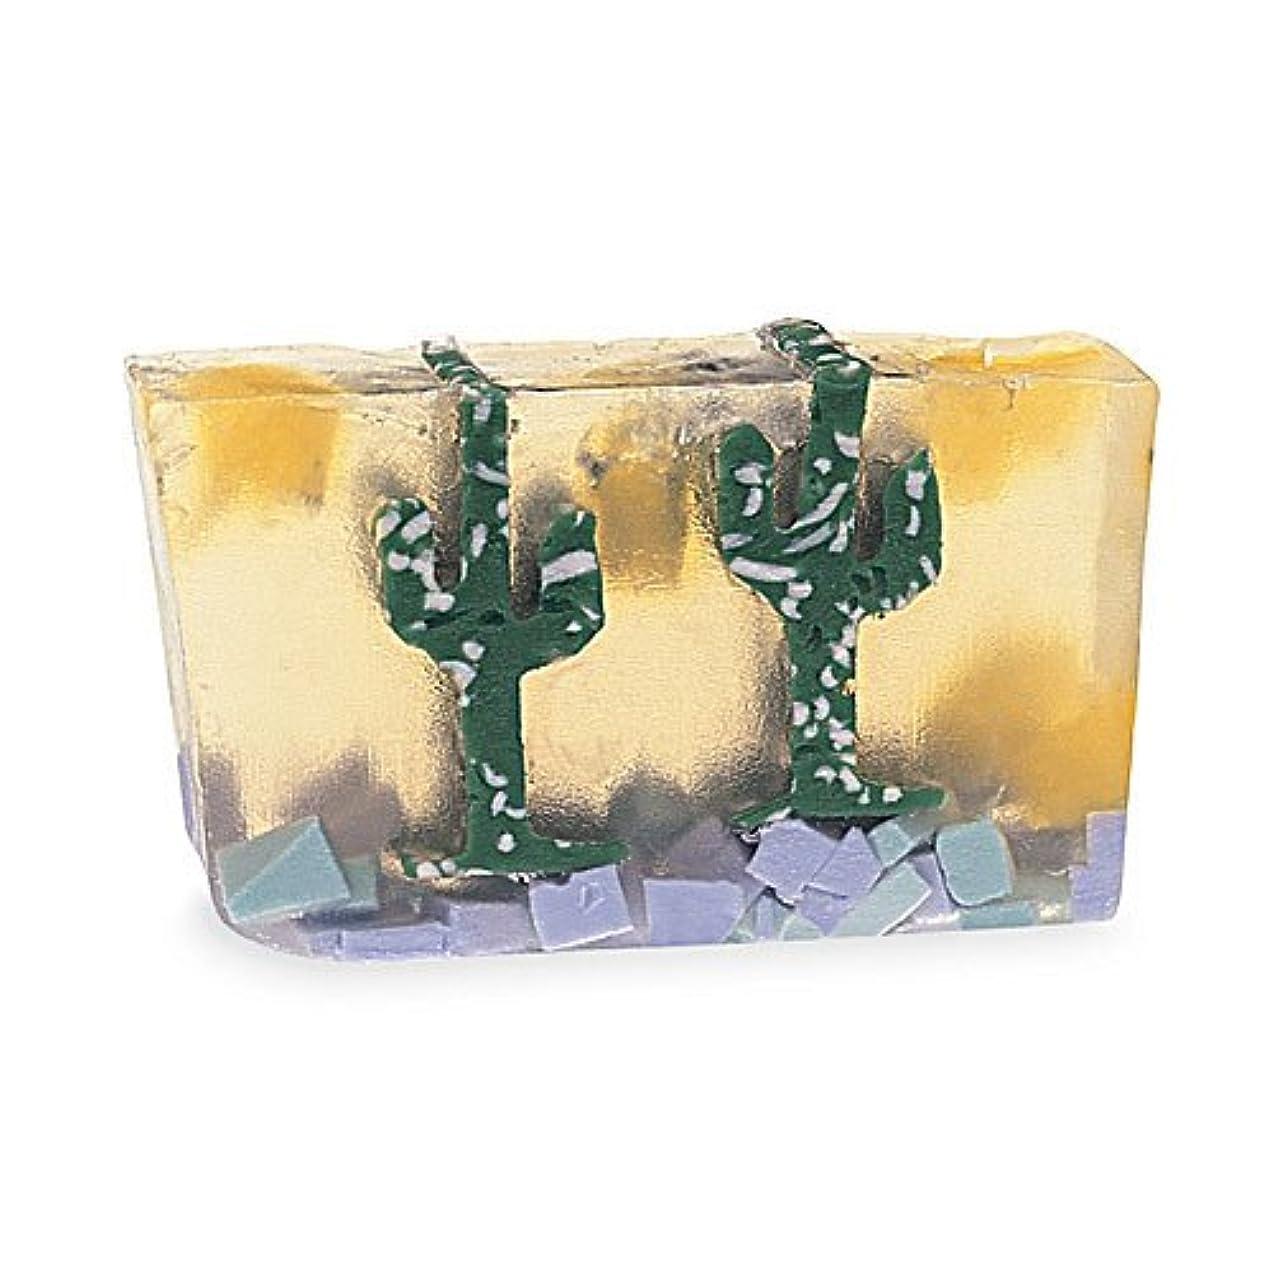 ムスタチオアクセスできない大学プライモールエレメンツ アロマティック ソープ アミーゴ 180g 植物性 ナチュラル 石鹸 無添加